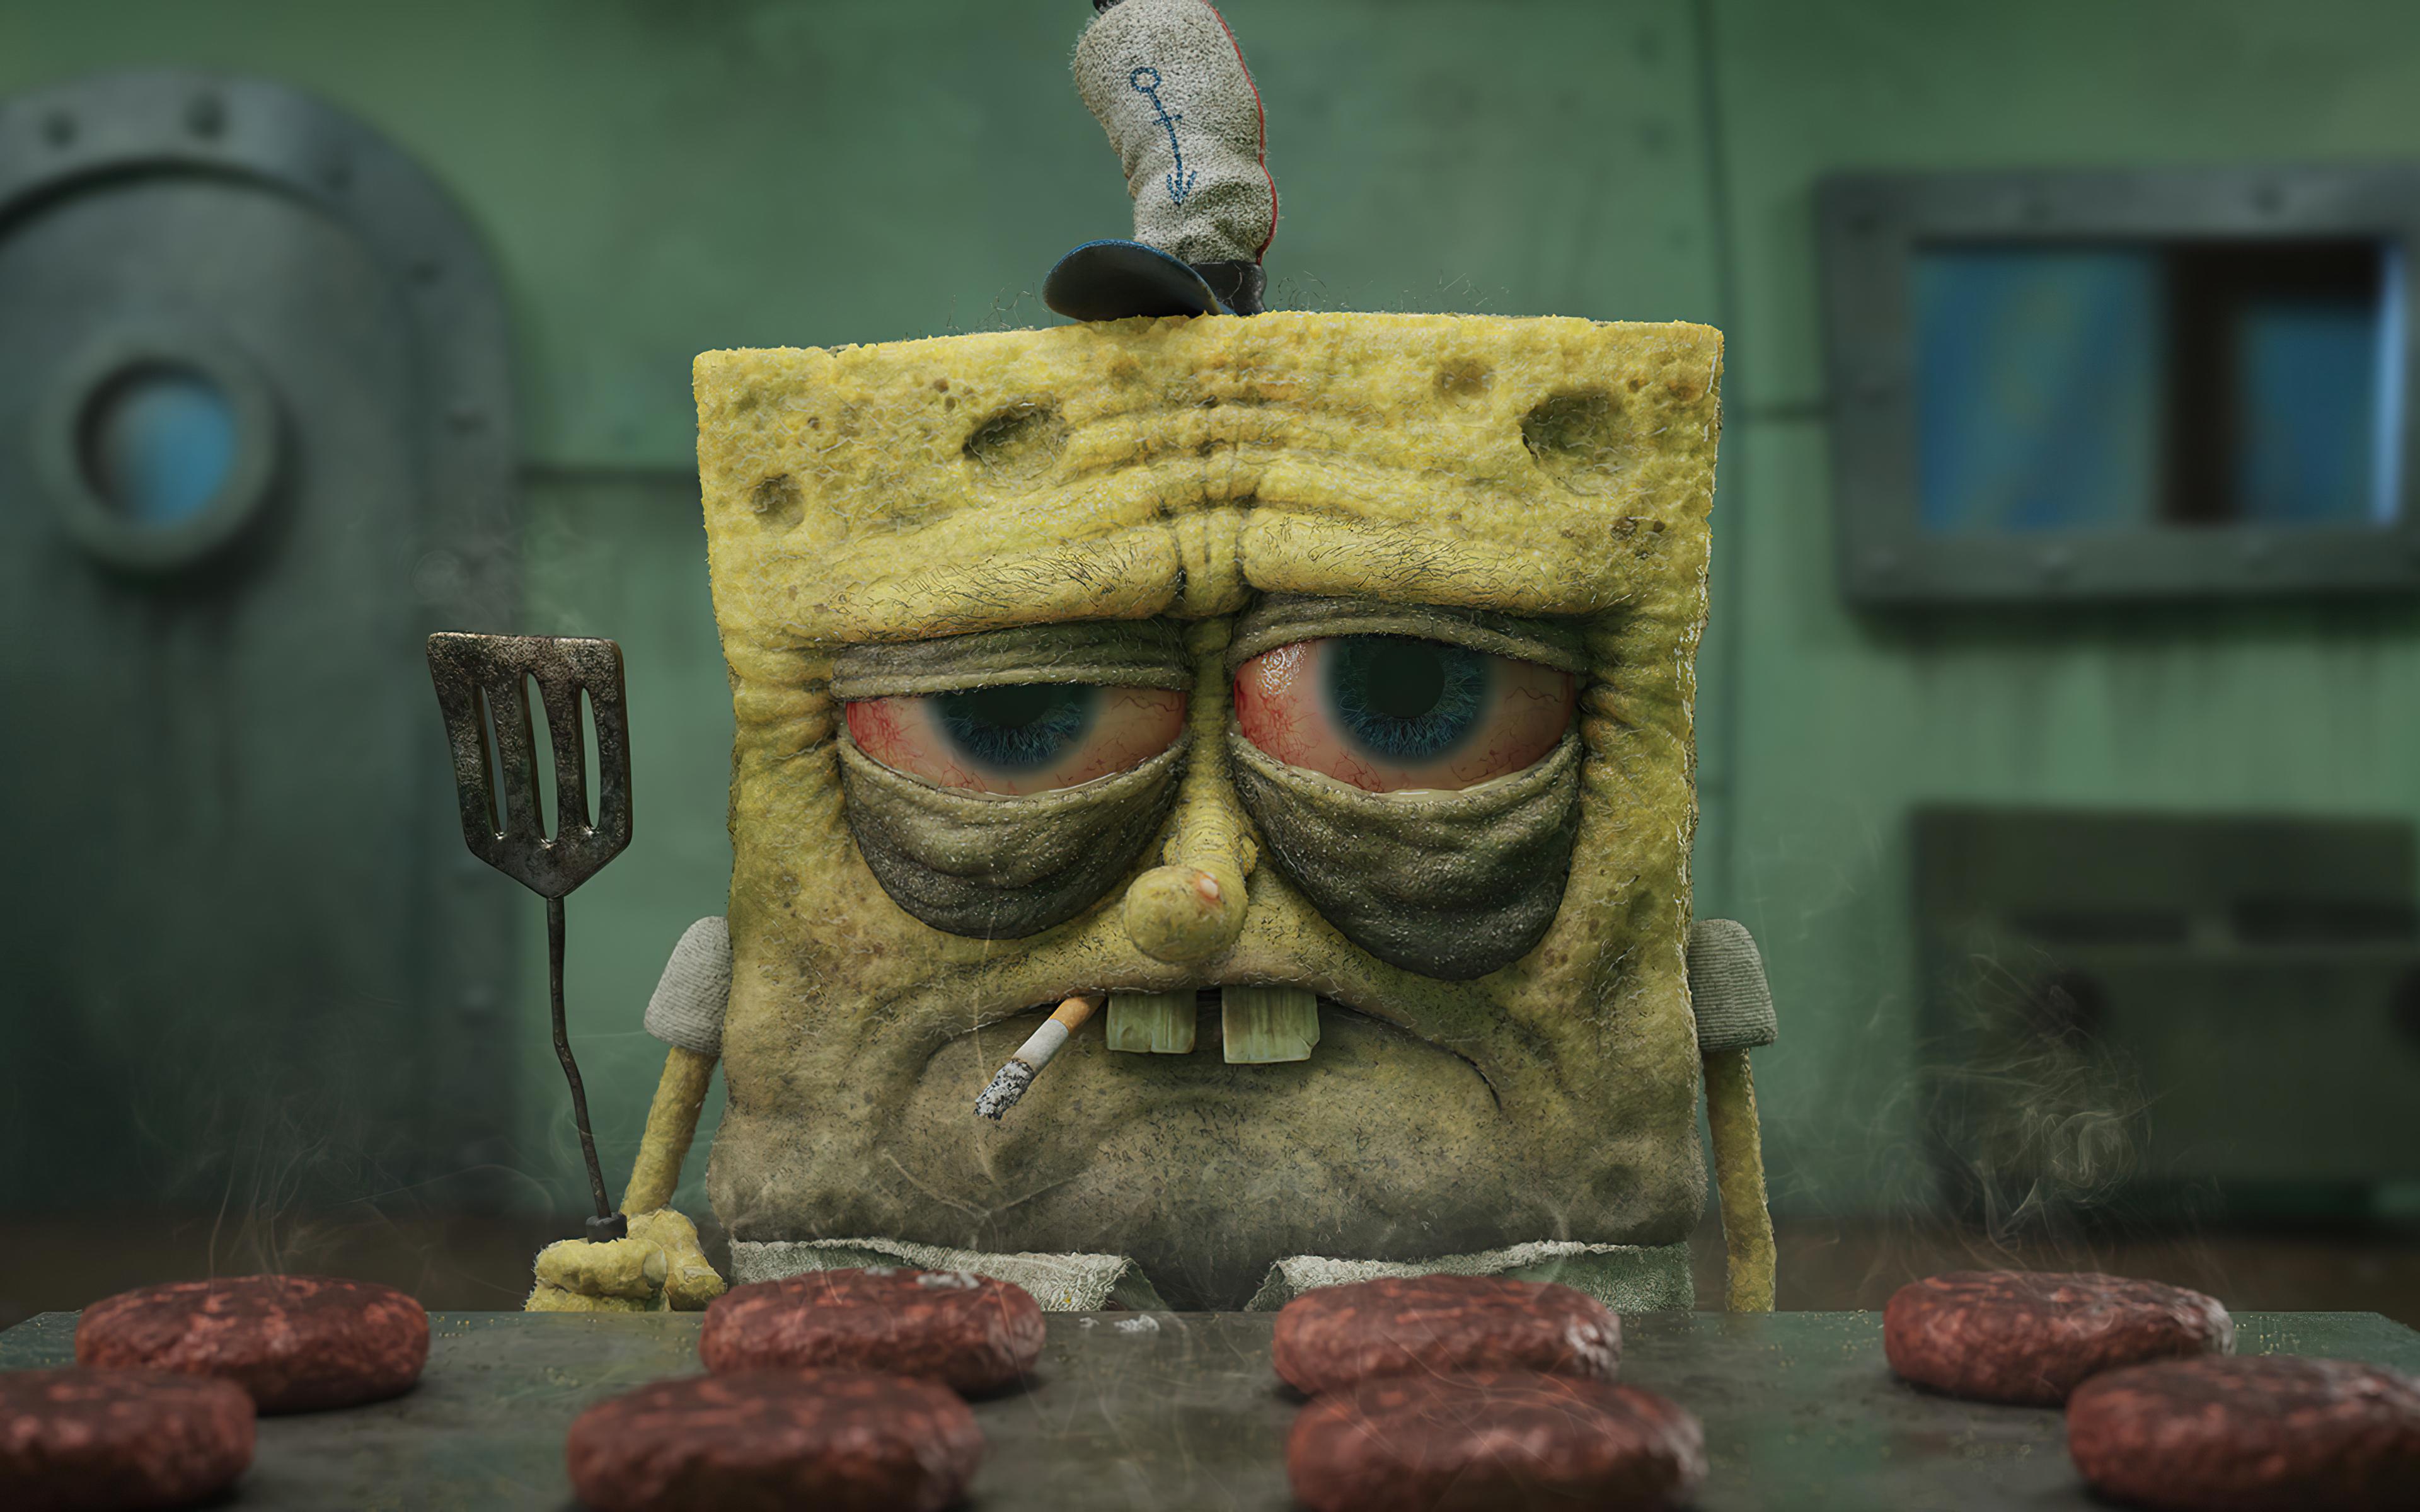 spongebob-cooking-time-9h.jpg